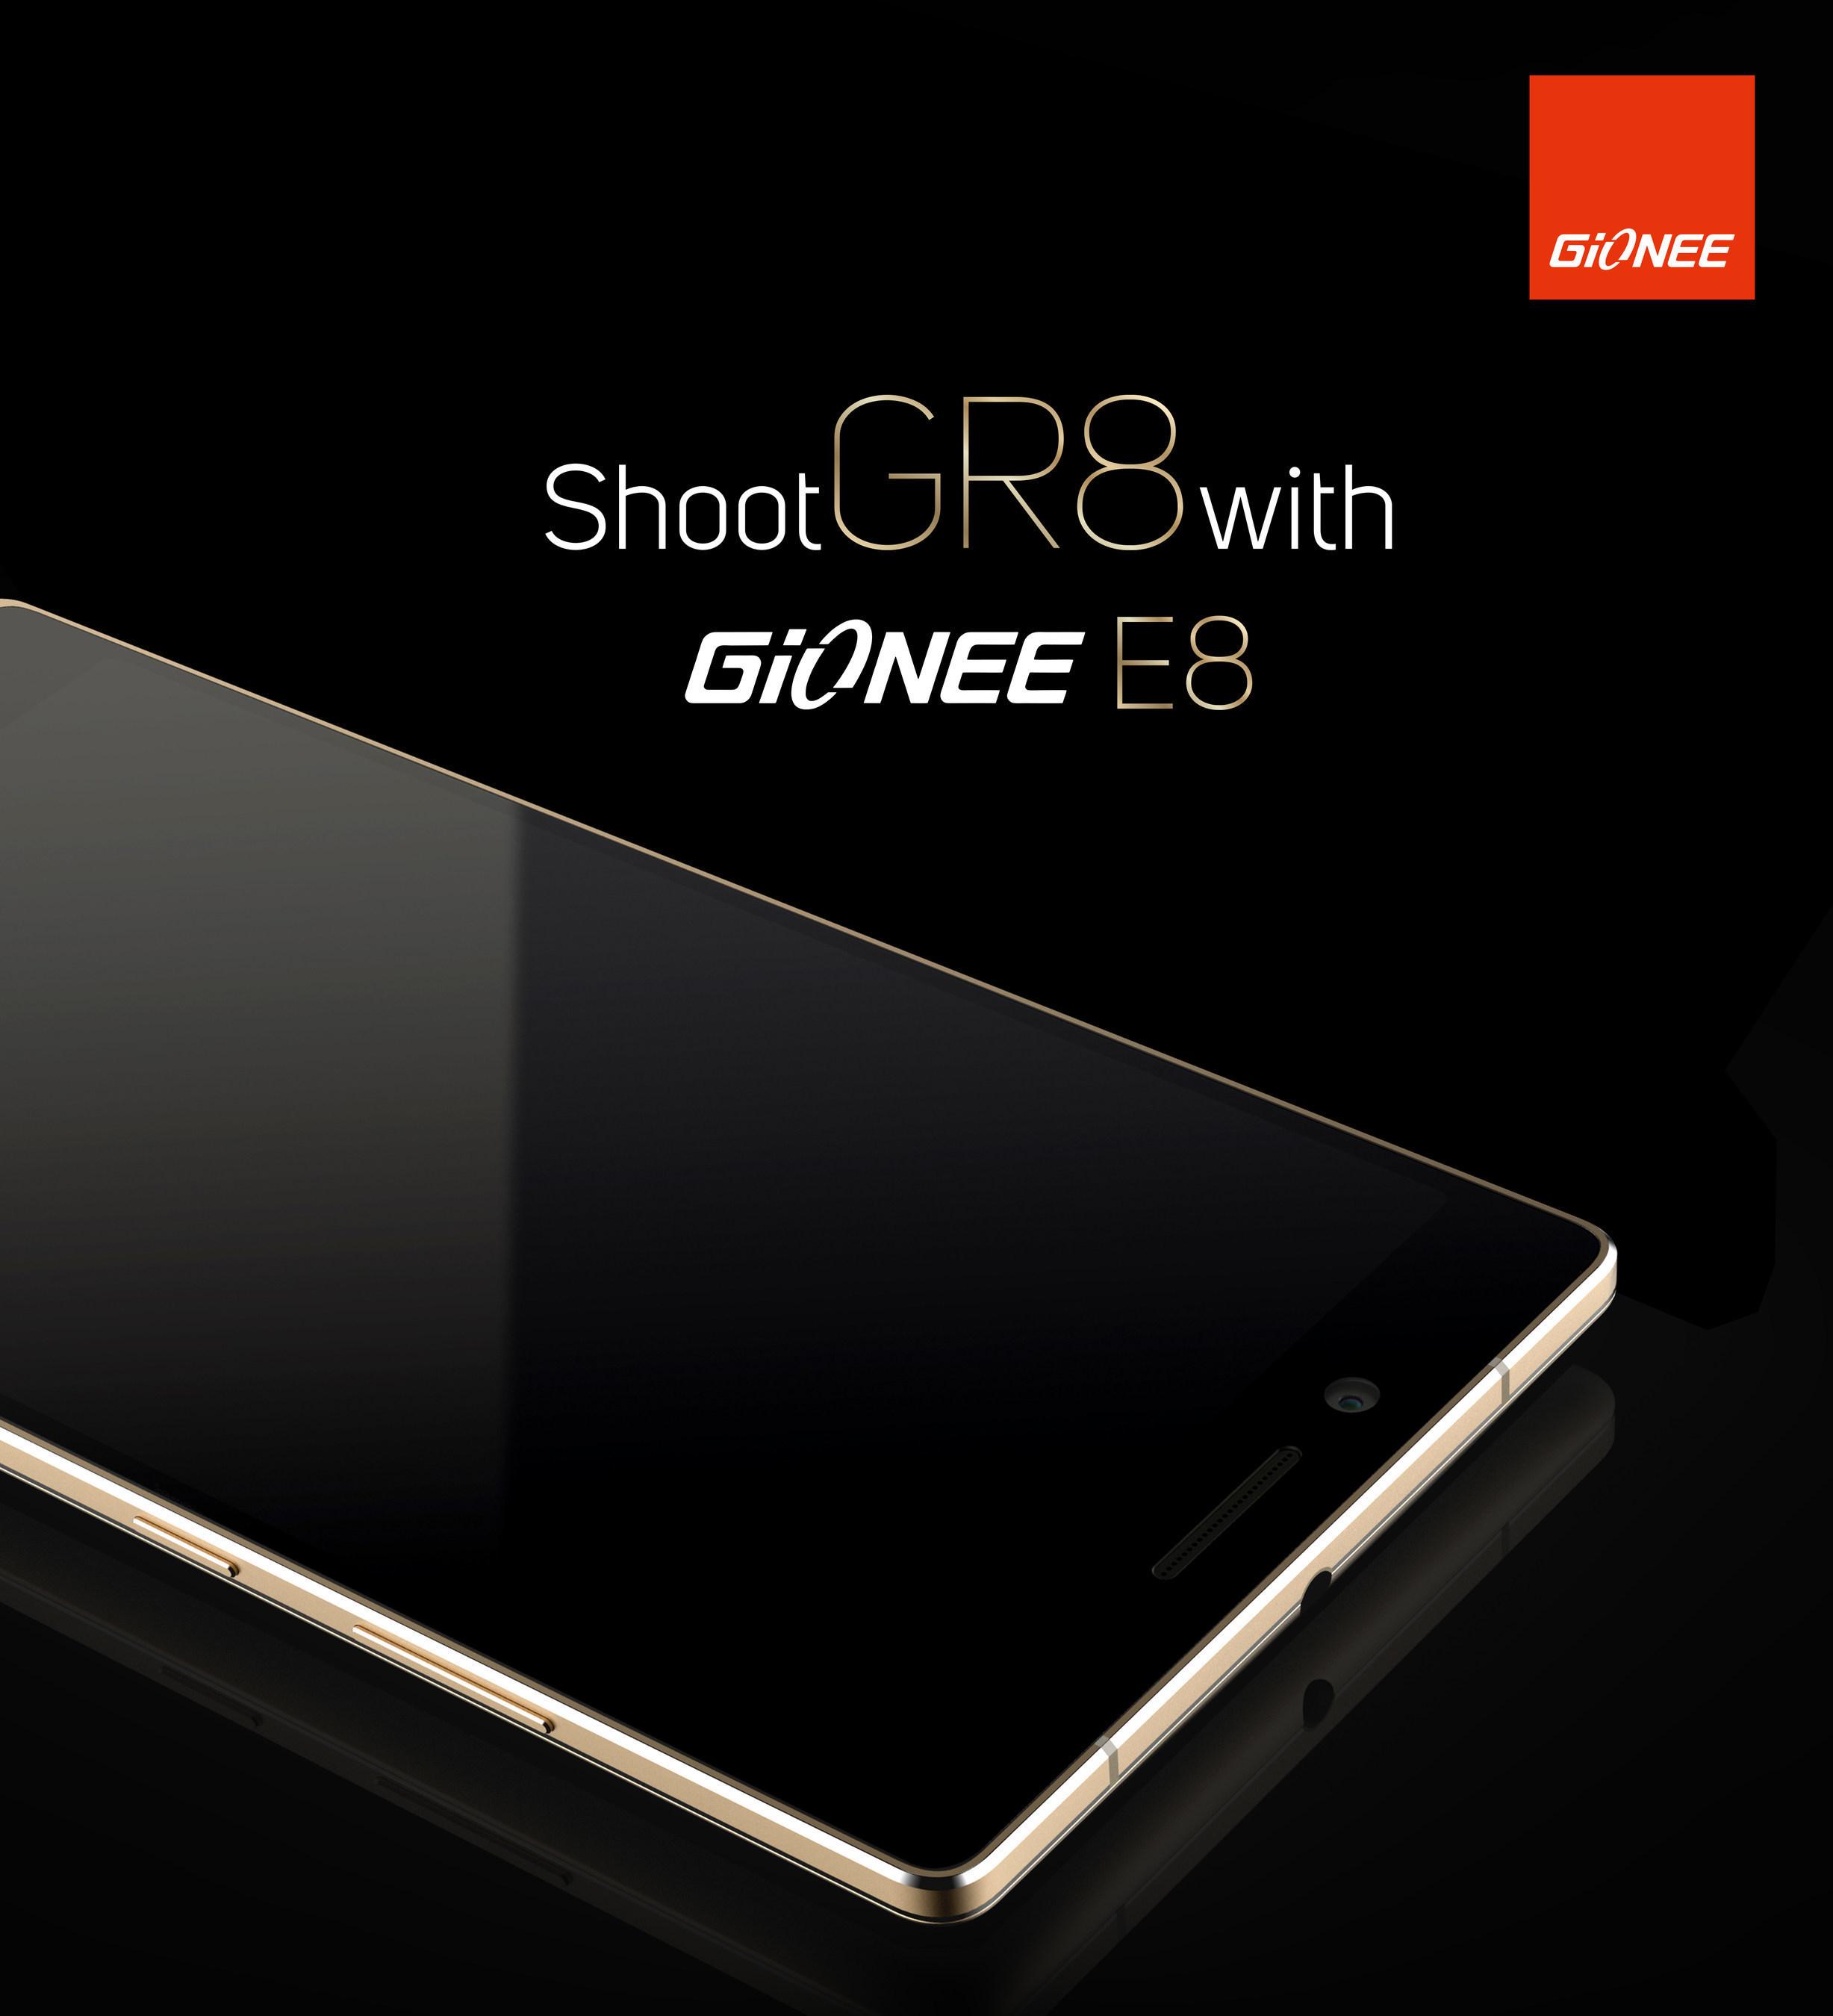 Gionee lanza los nuevos smartphones insignes M5 y E8